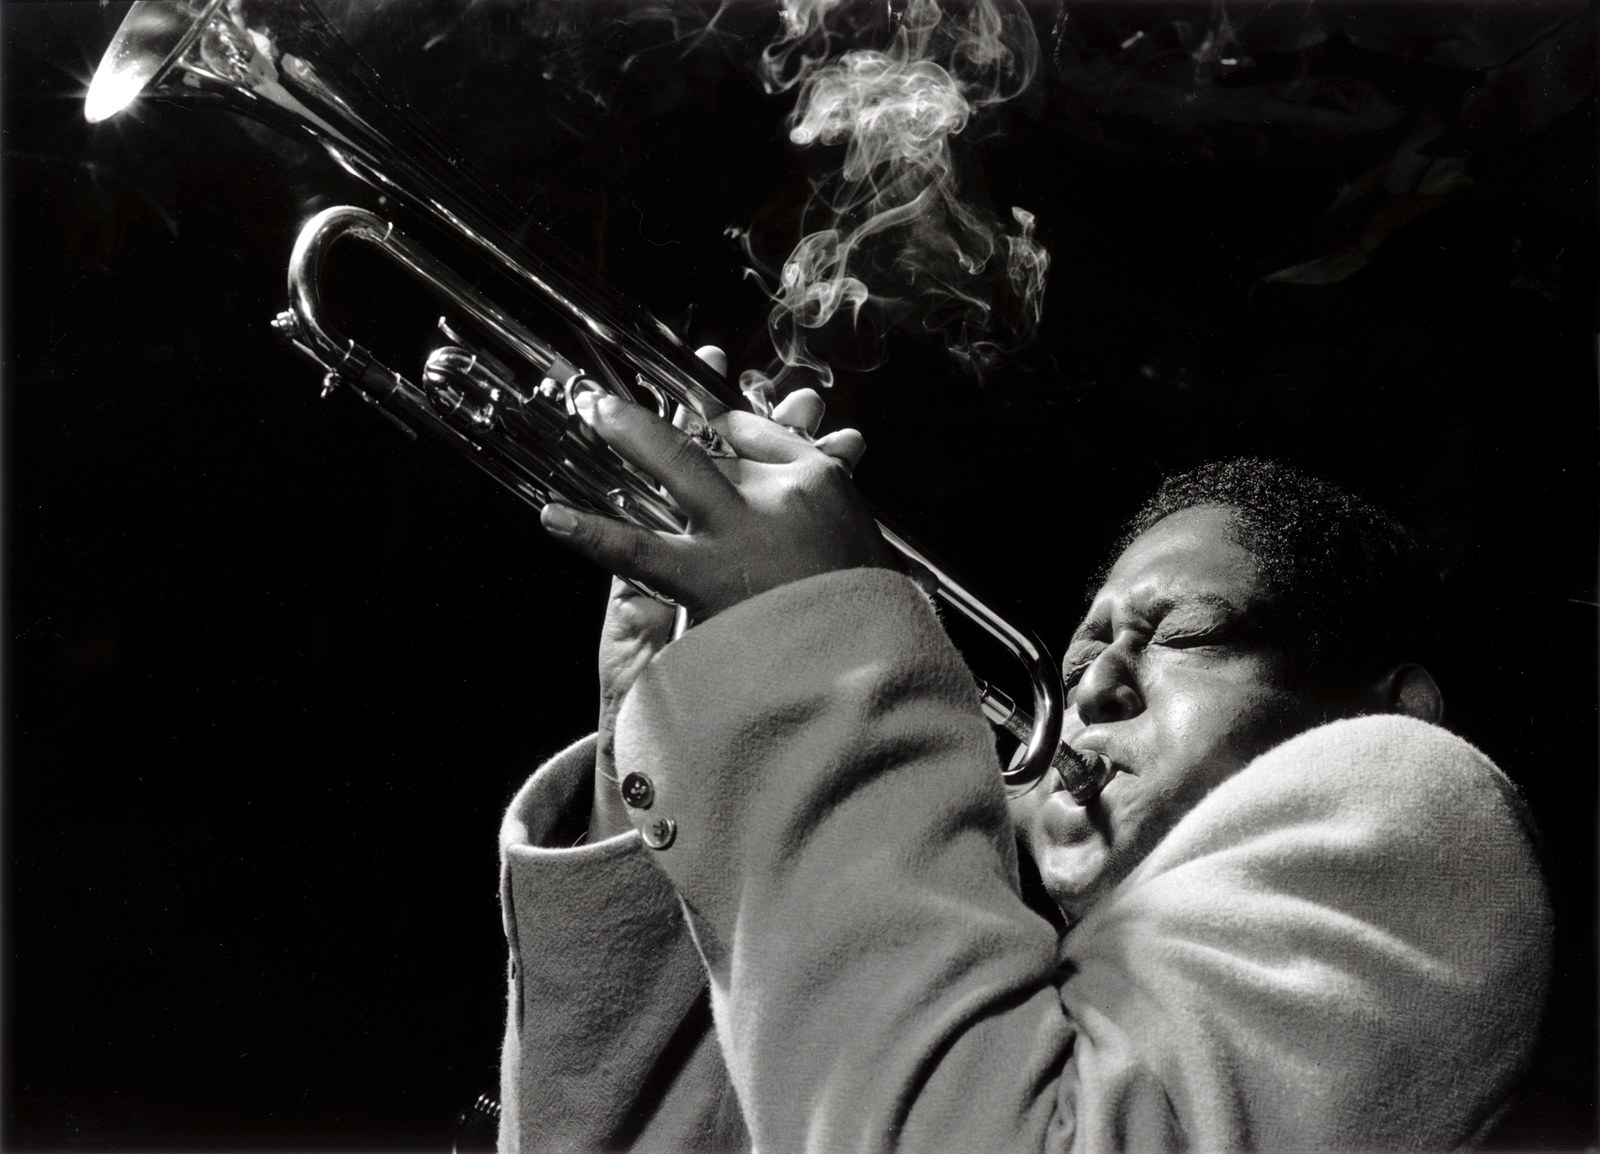 ジャズ黄金期のモノクロ写真がかっこよすぎて壁紙にしたいレベル